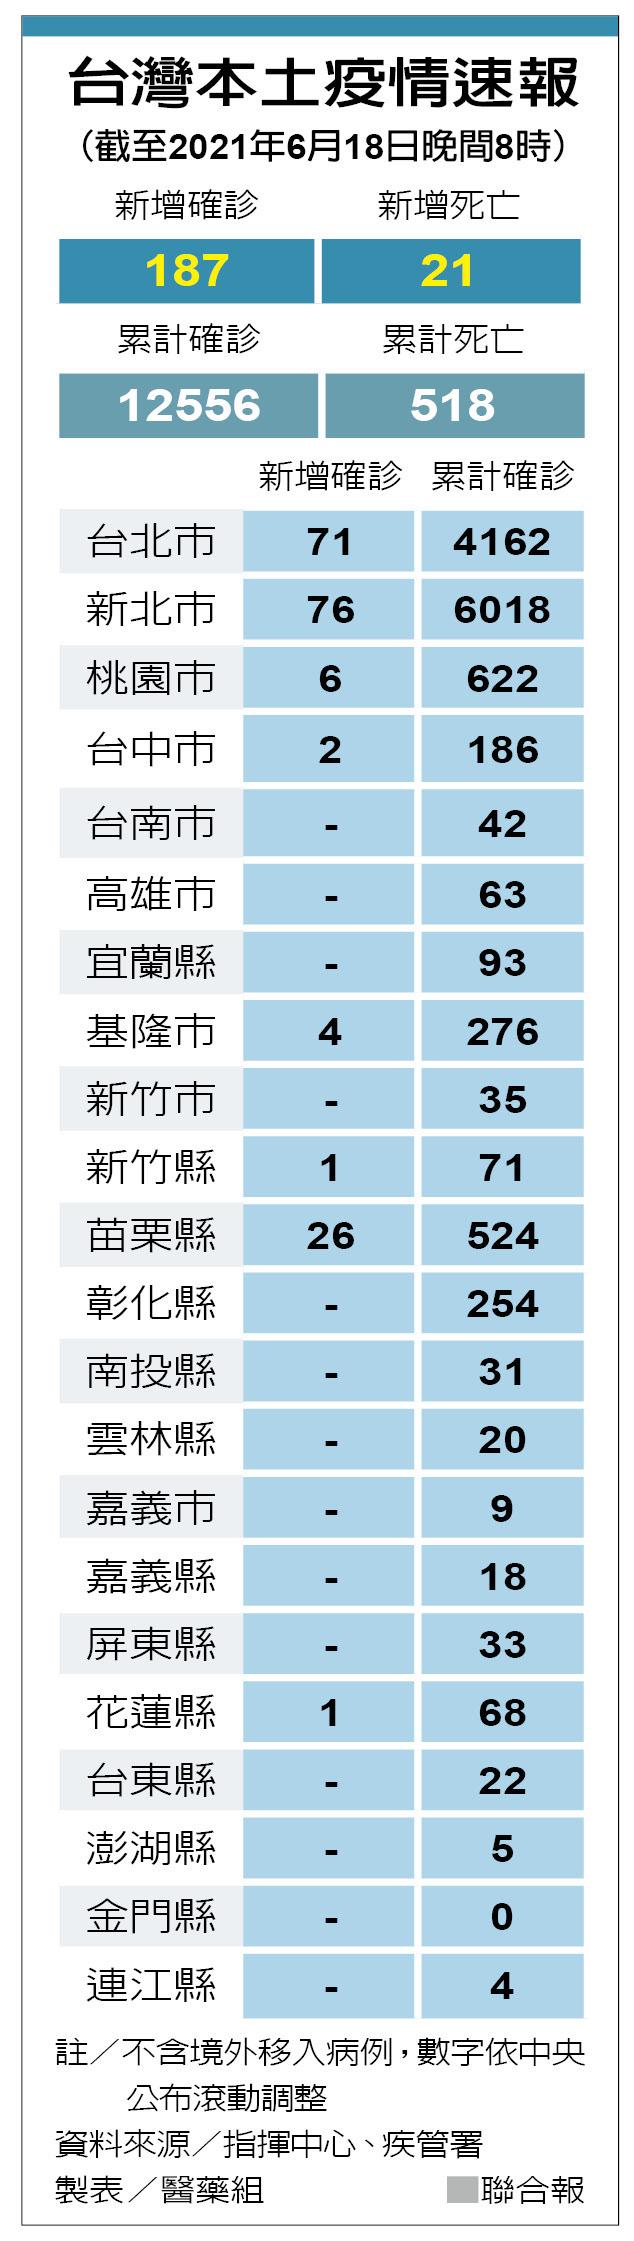 [新聞] 單日新增21死 張上淳:肥胖是重症高風險